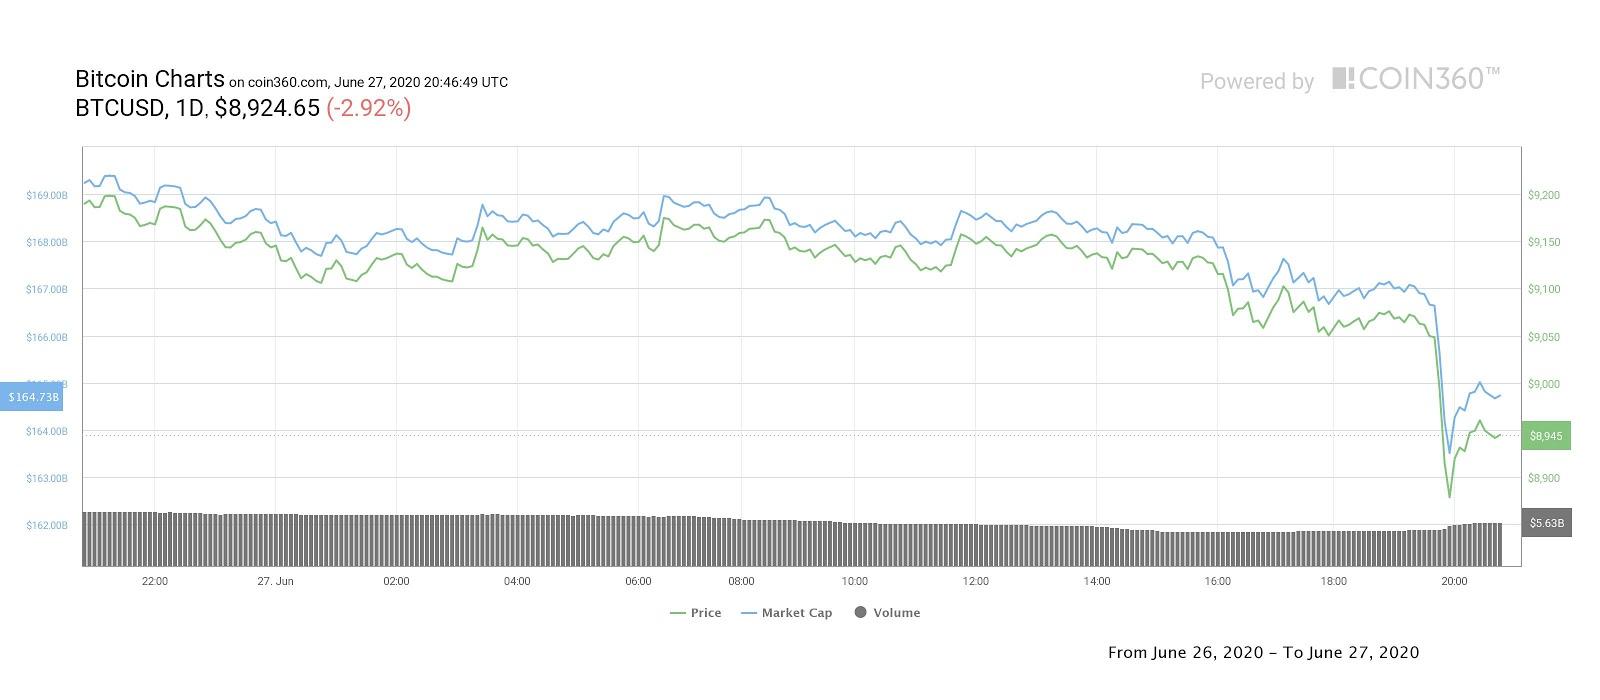 Gráfico de precios diarios de Bitcoin